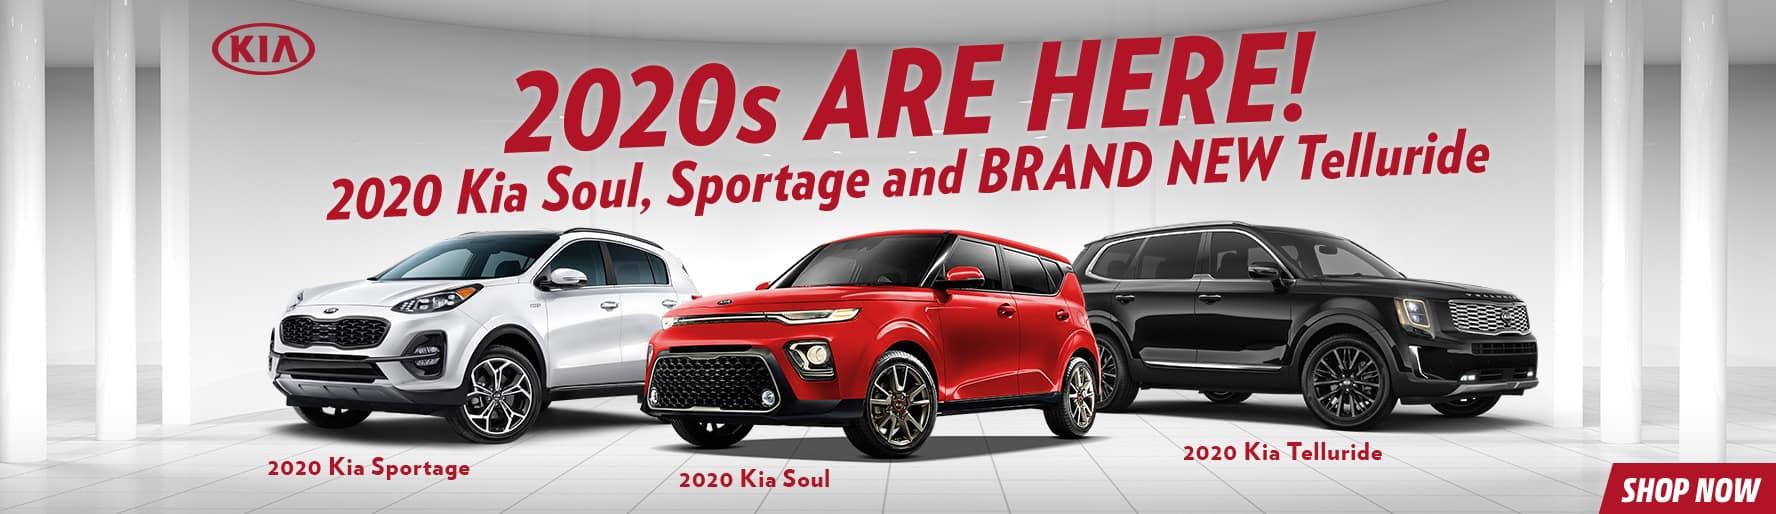 2020-Kia-Soul-Sportage-Telluride